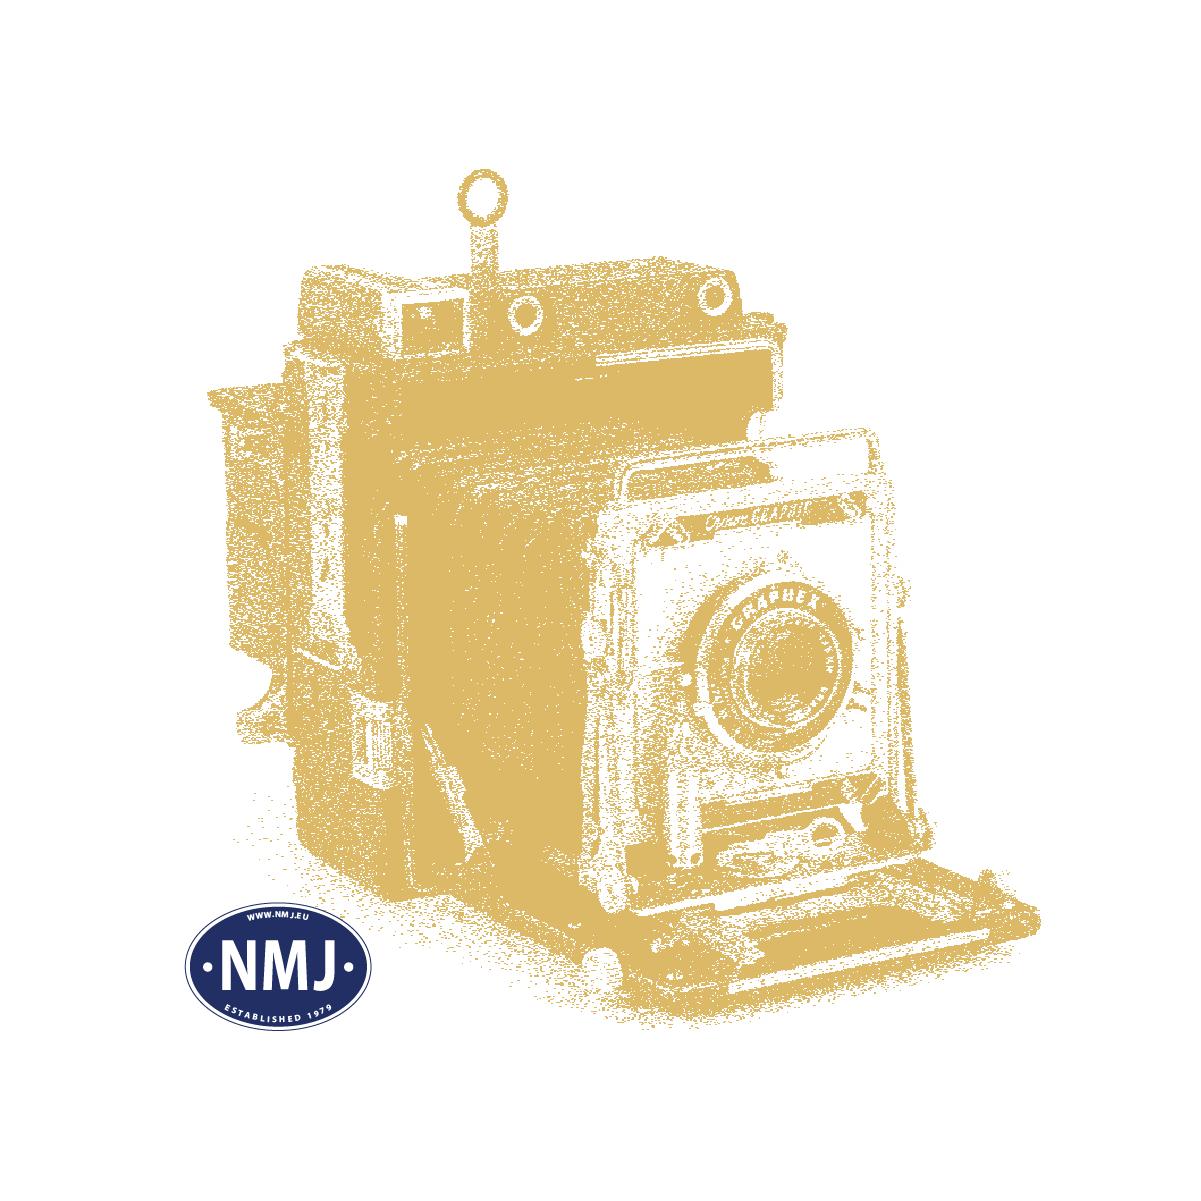 NMJT93001 - NMJ Topline SJ Y1 1309, Oransje, original utgave, DC